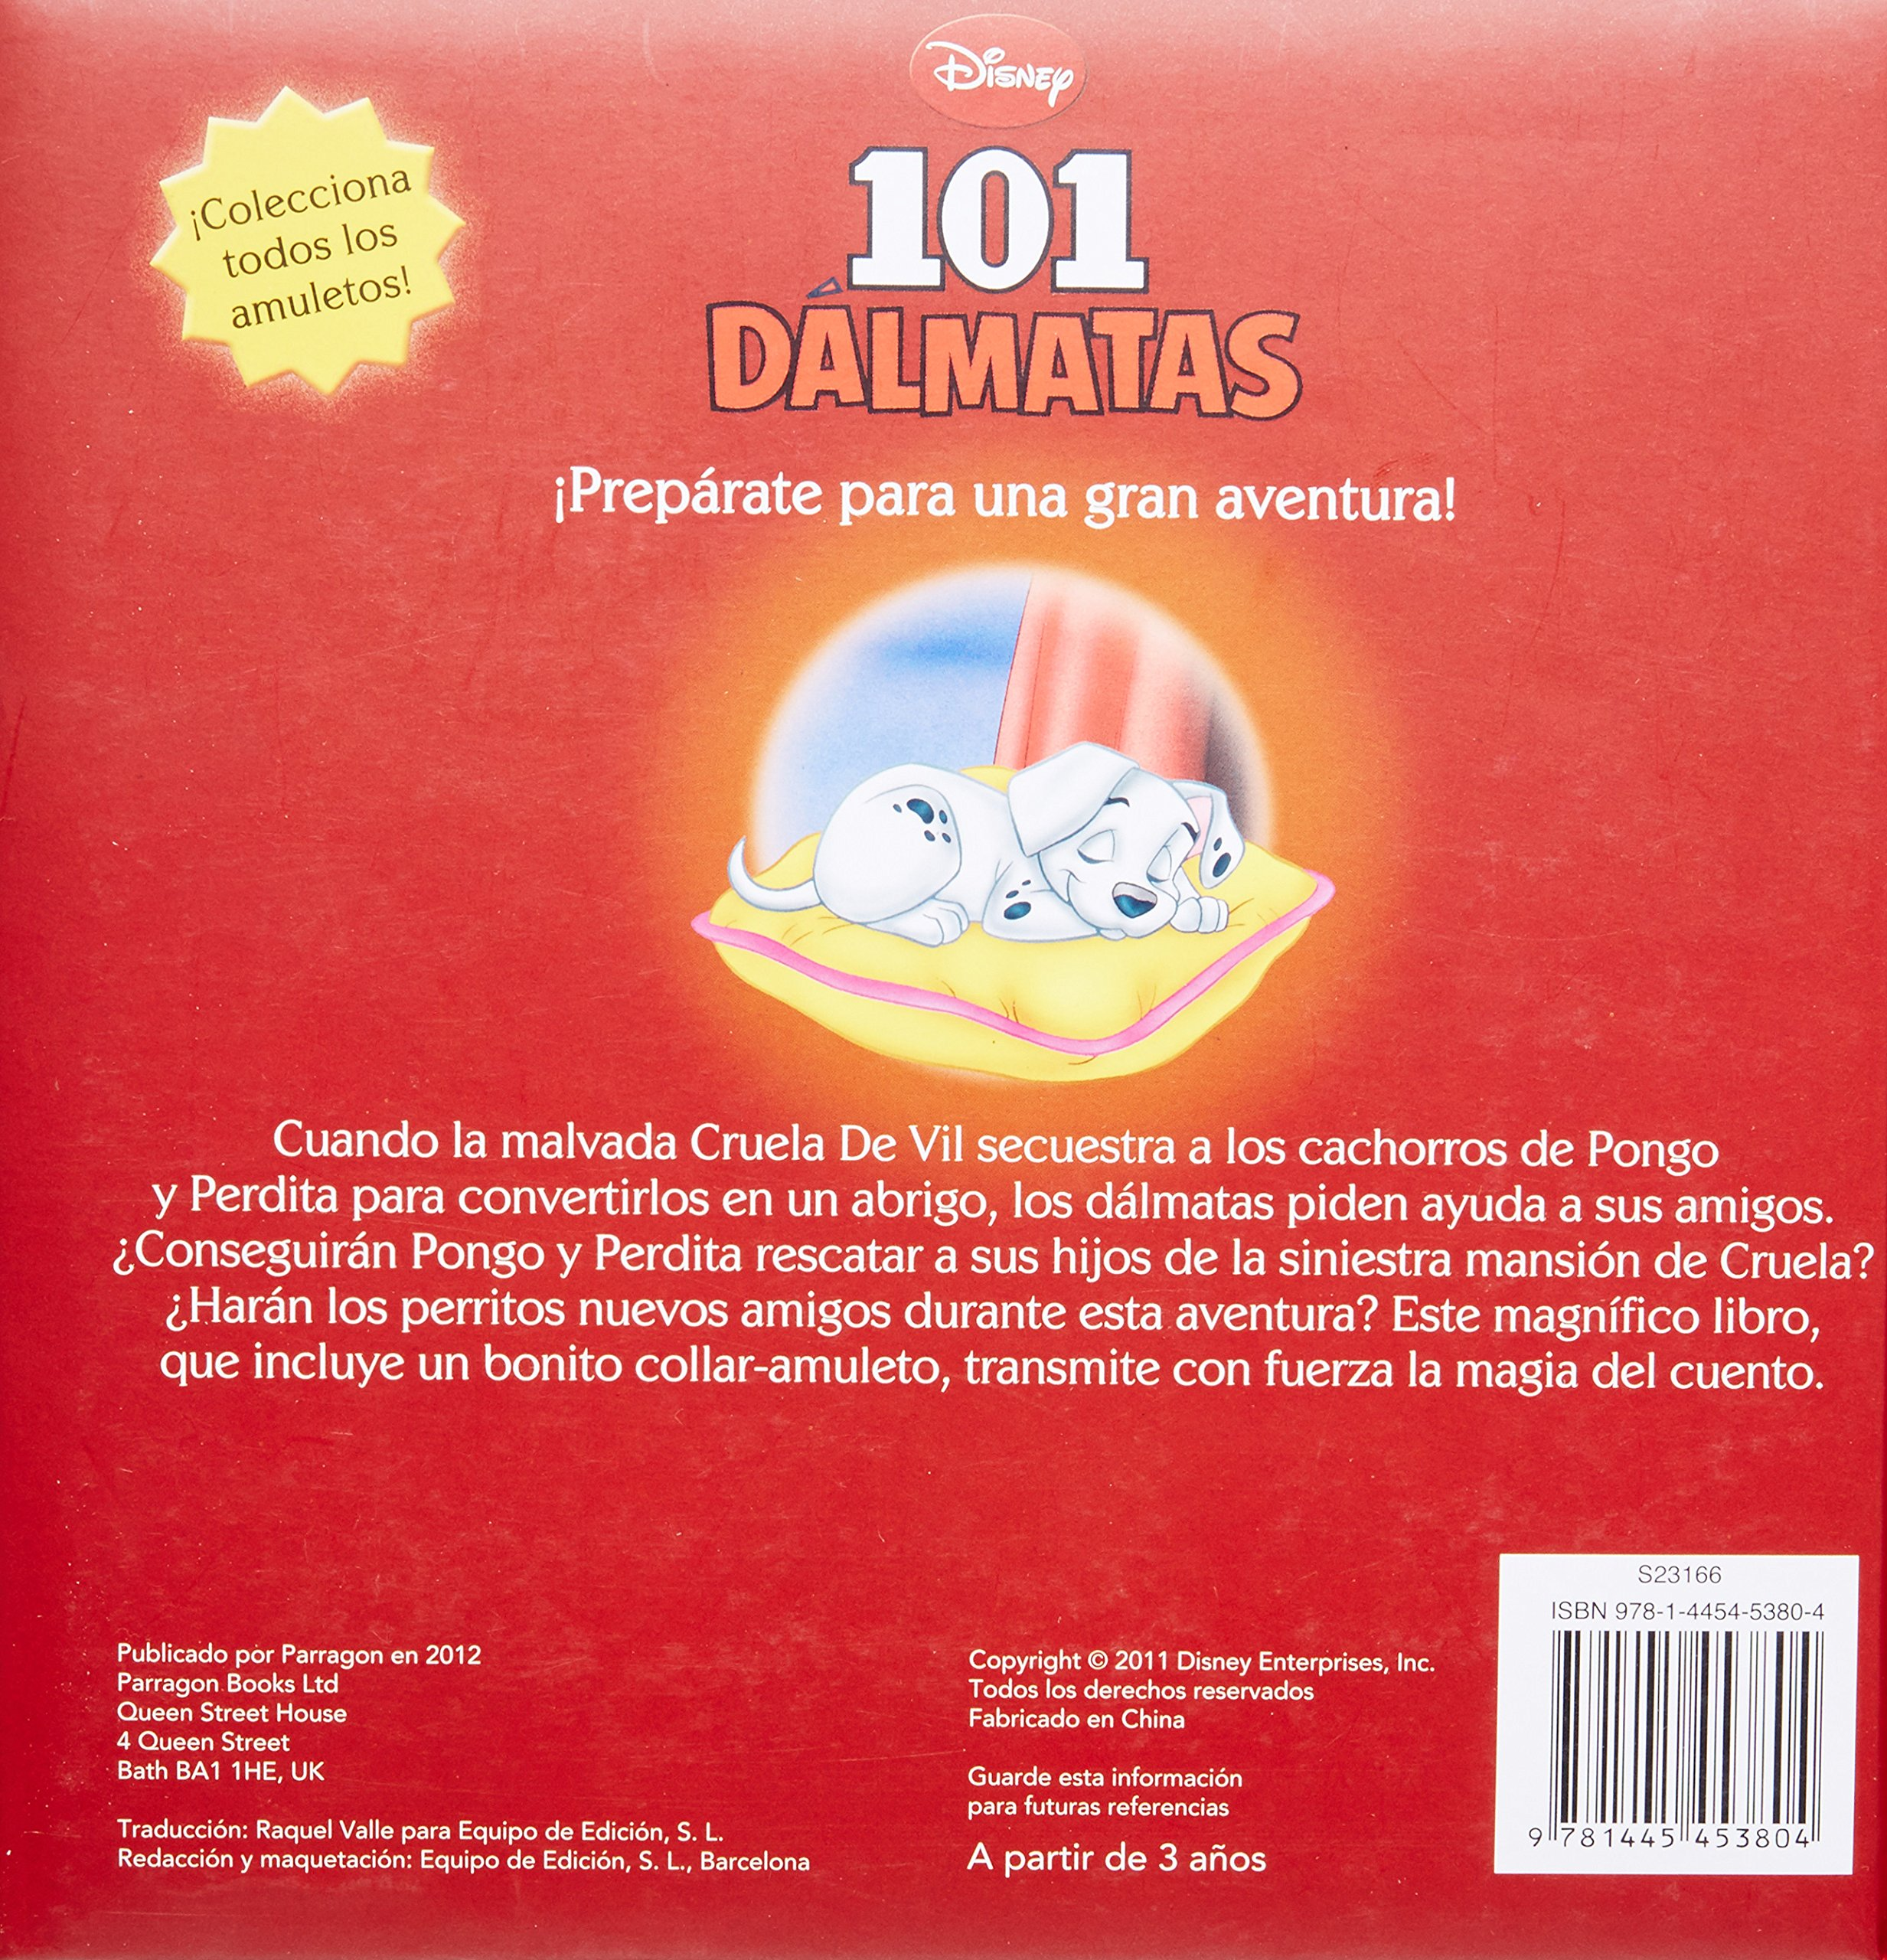 Disney 101 Dalmatas con un collar-amuleto magico (Disney Charm) (Spanish Edition): Parragon Books: 9781445453804: Amazon.com: Books